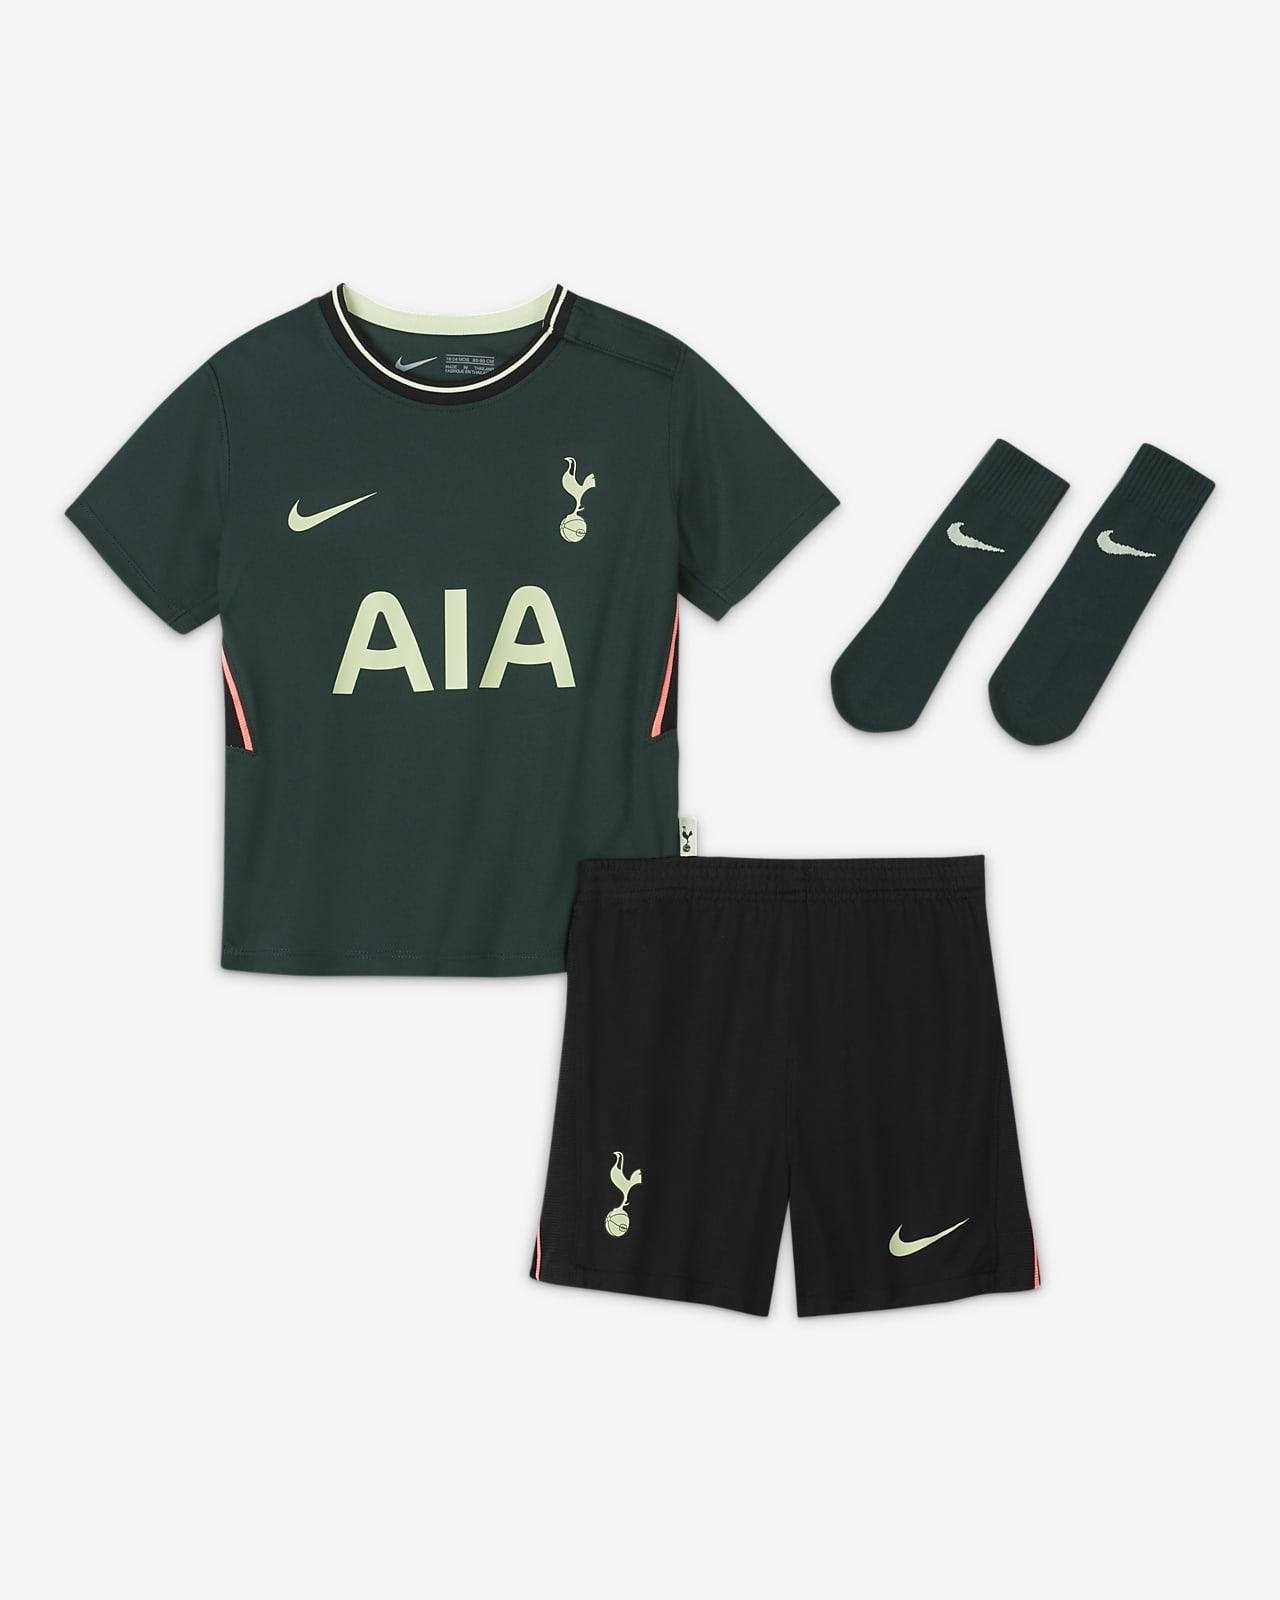 Segona equipació Tottenham Hotspur 2020/21 Equipació de futbol - Nadó i infant